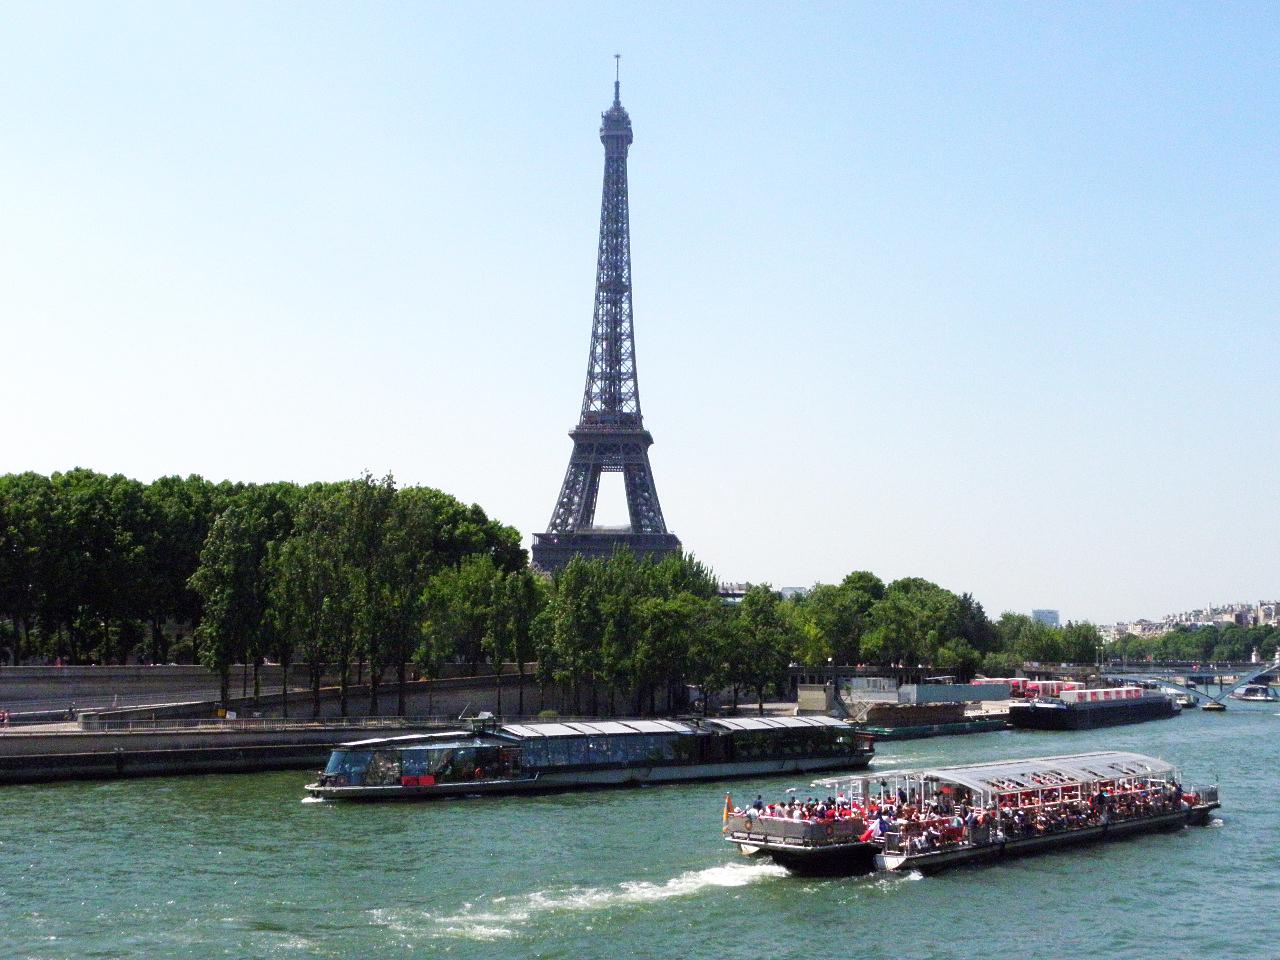 モンテーニュからすぐのアルマ橋から、エッフェル塔を望む。